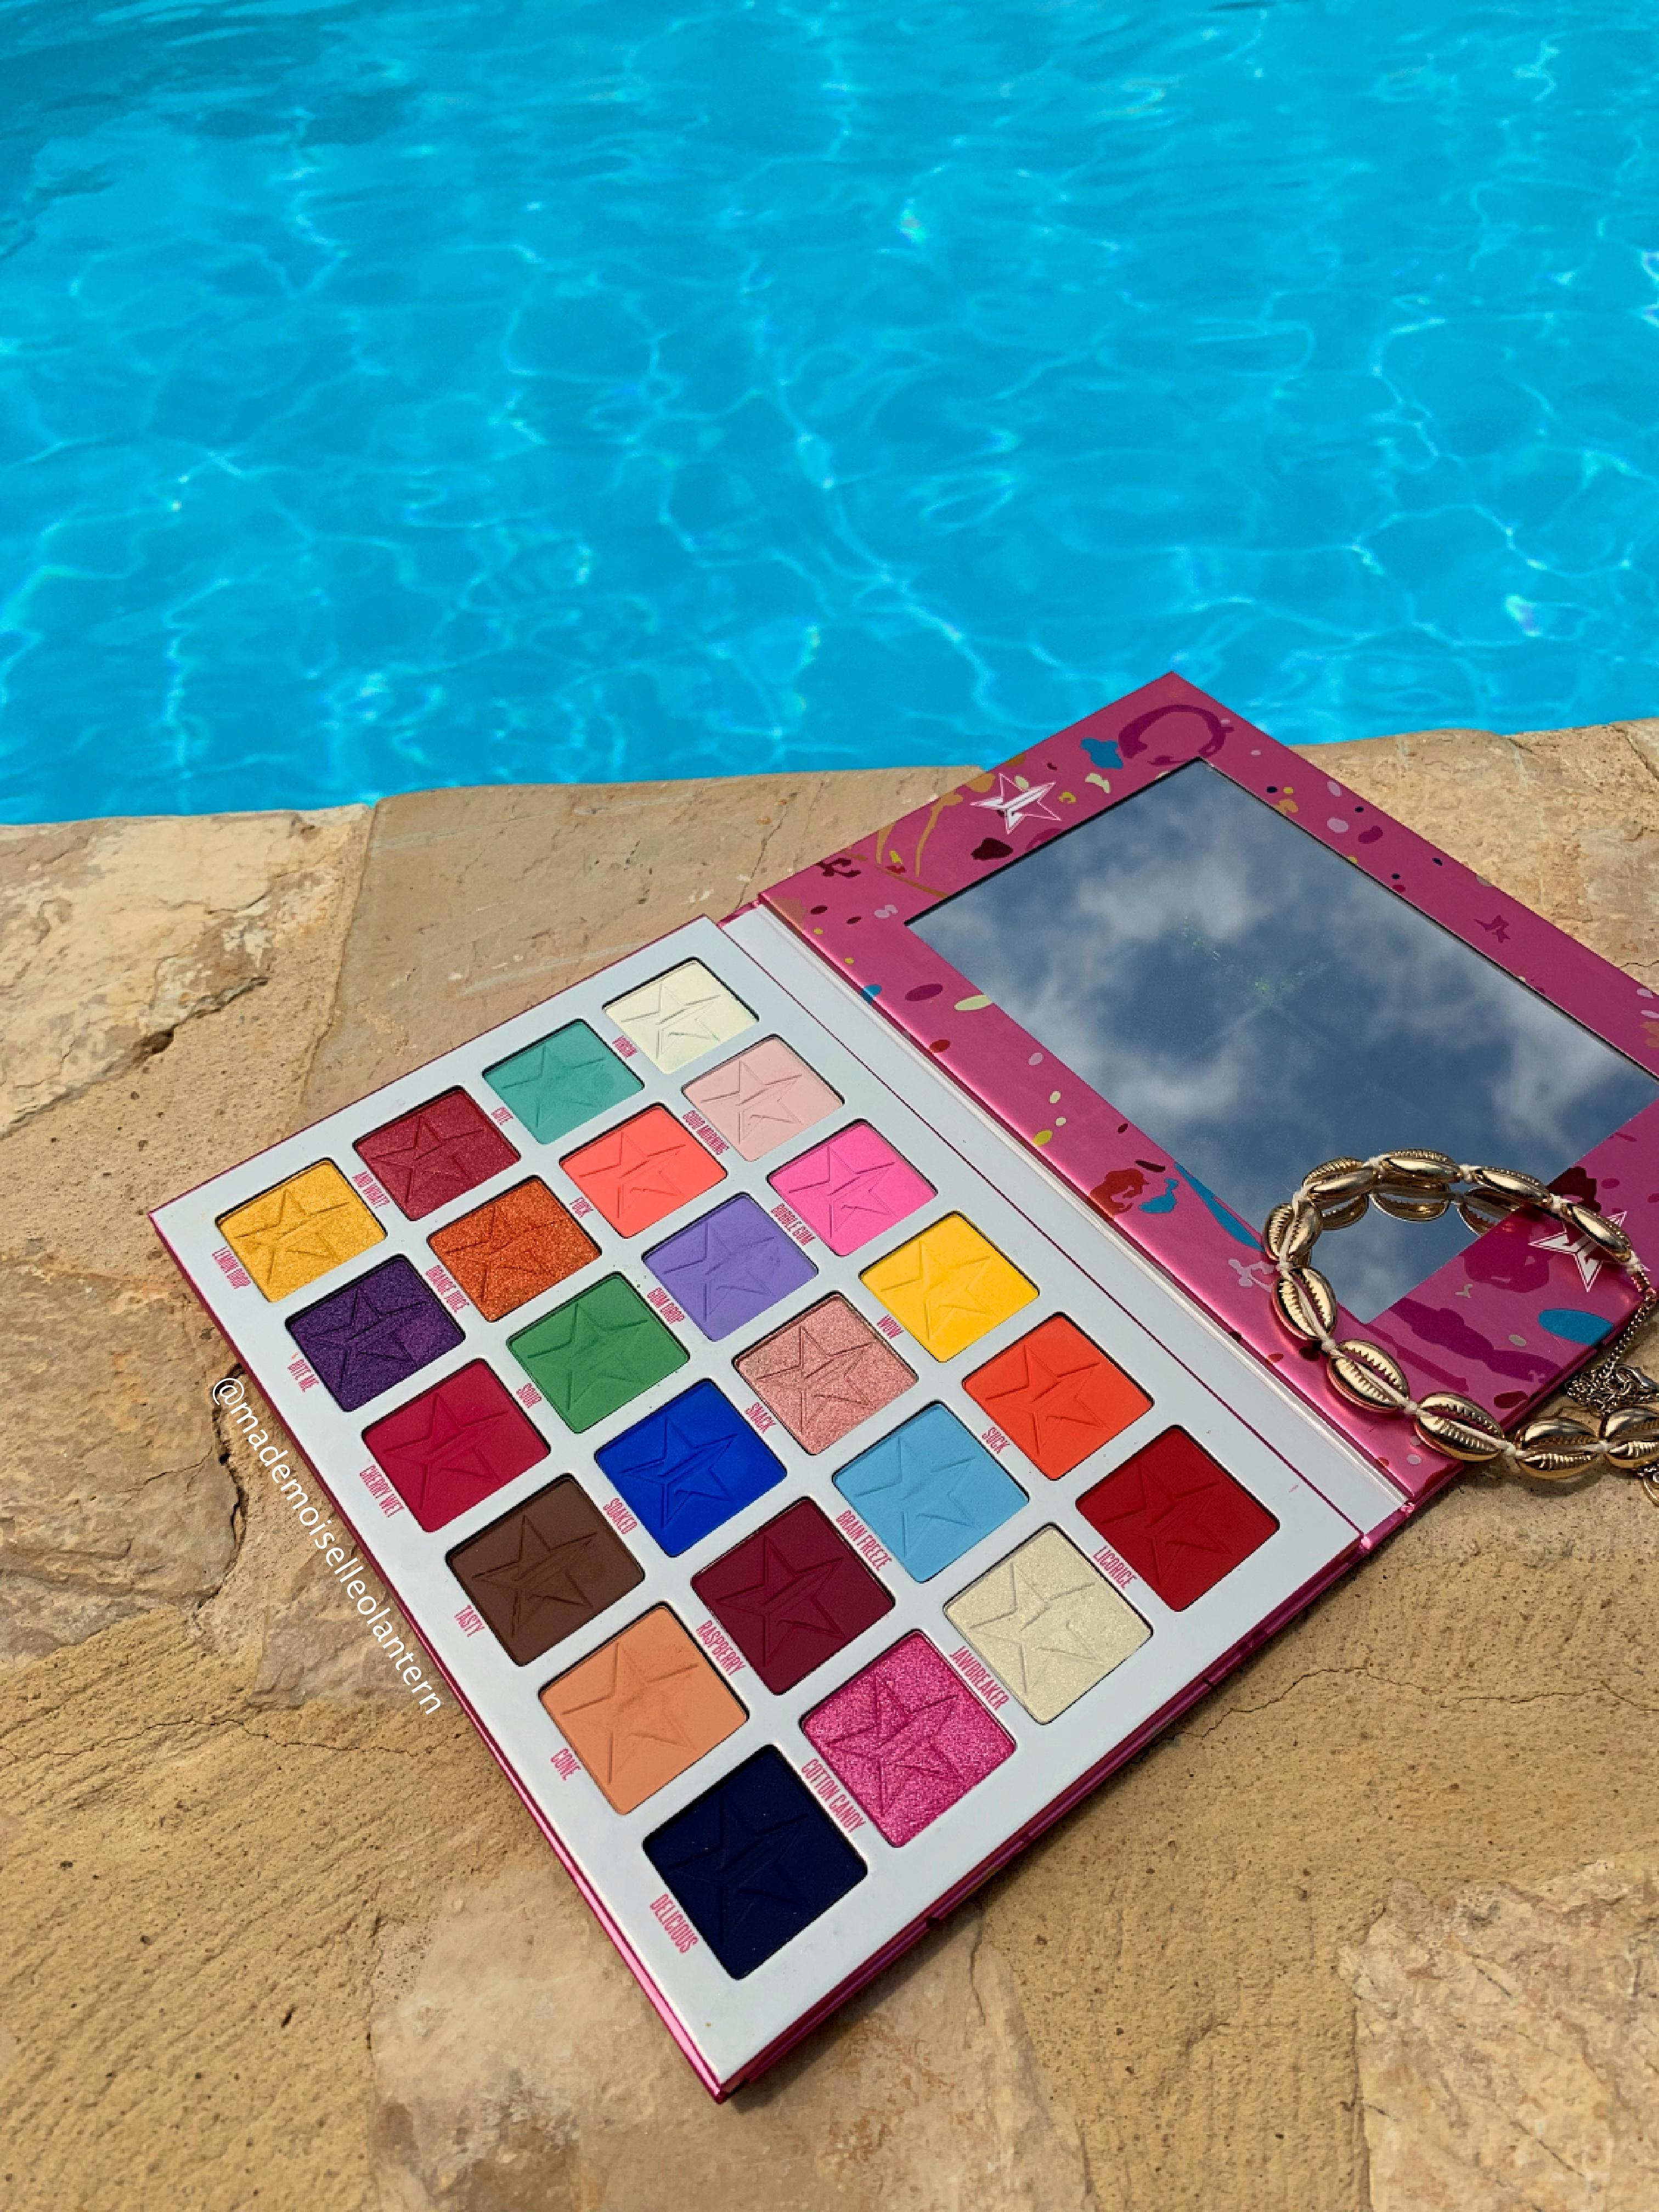 jawbreaker palette.jpg